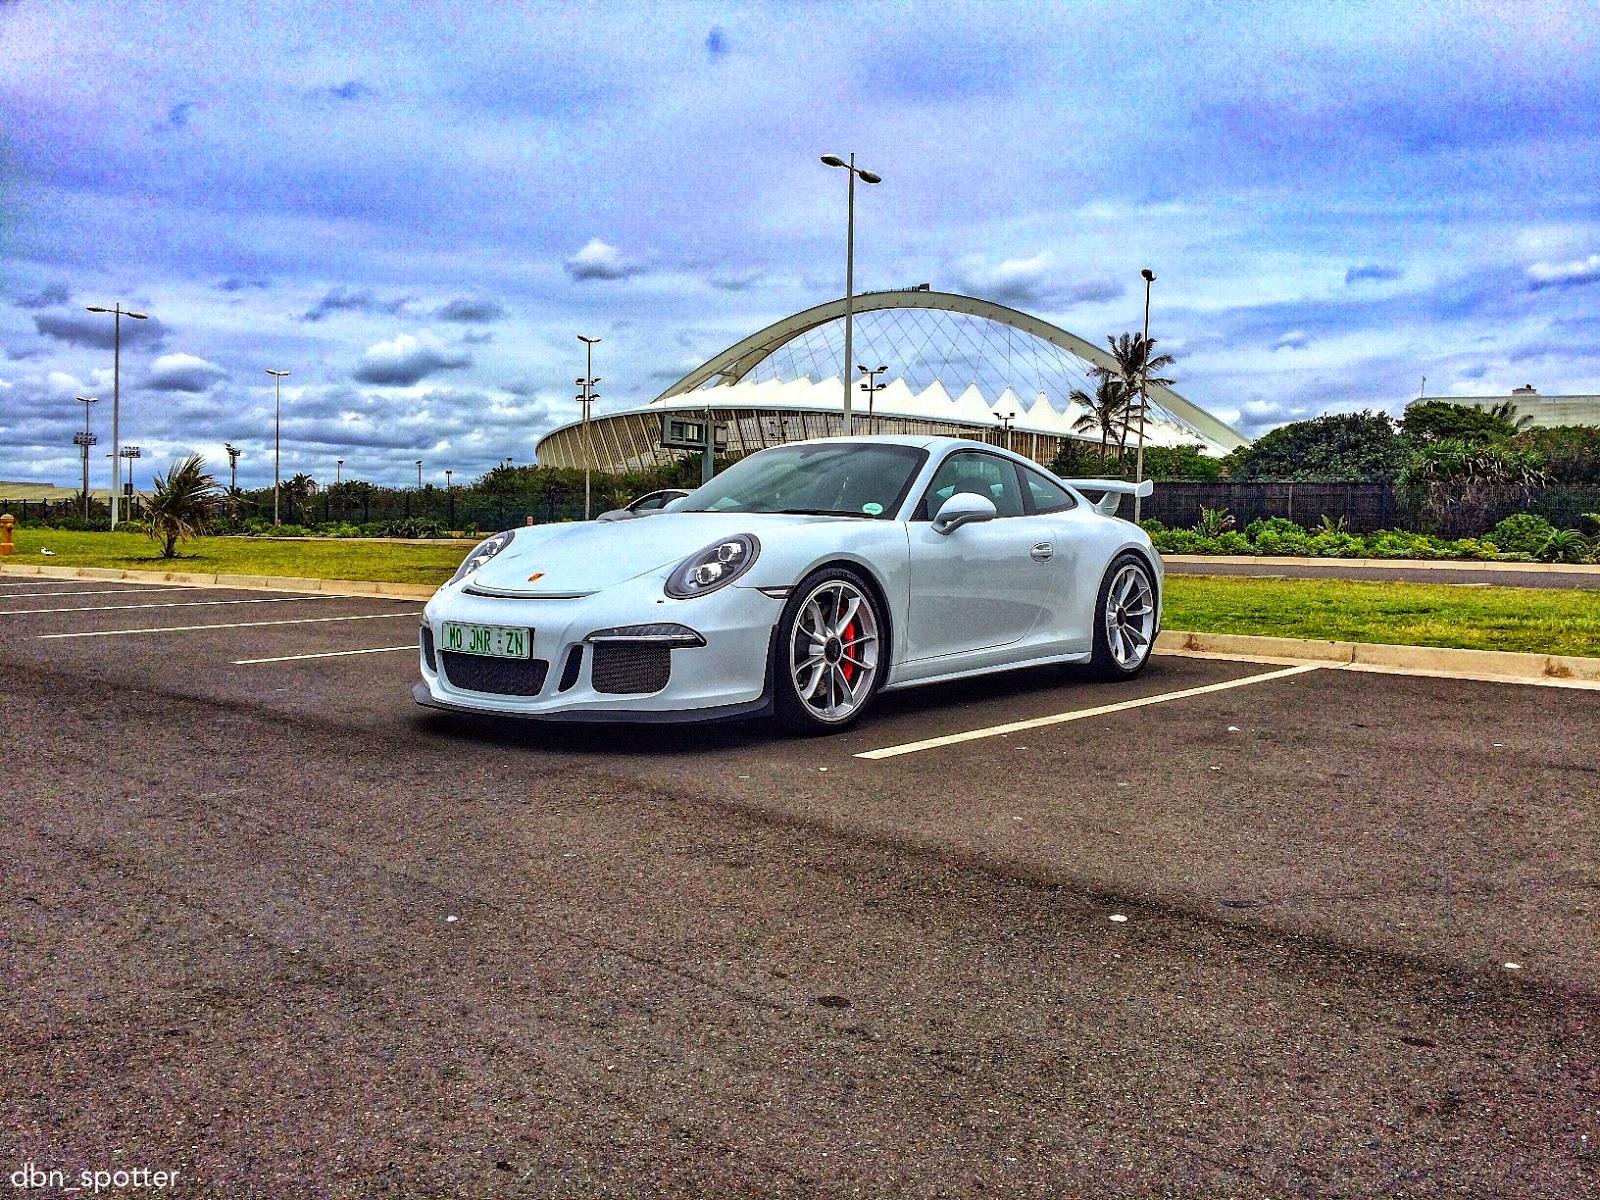 Porsche 911 Gt3 For Sale >> Photoshoot: Porsche 911 GT3 In Durban South Africa